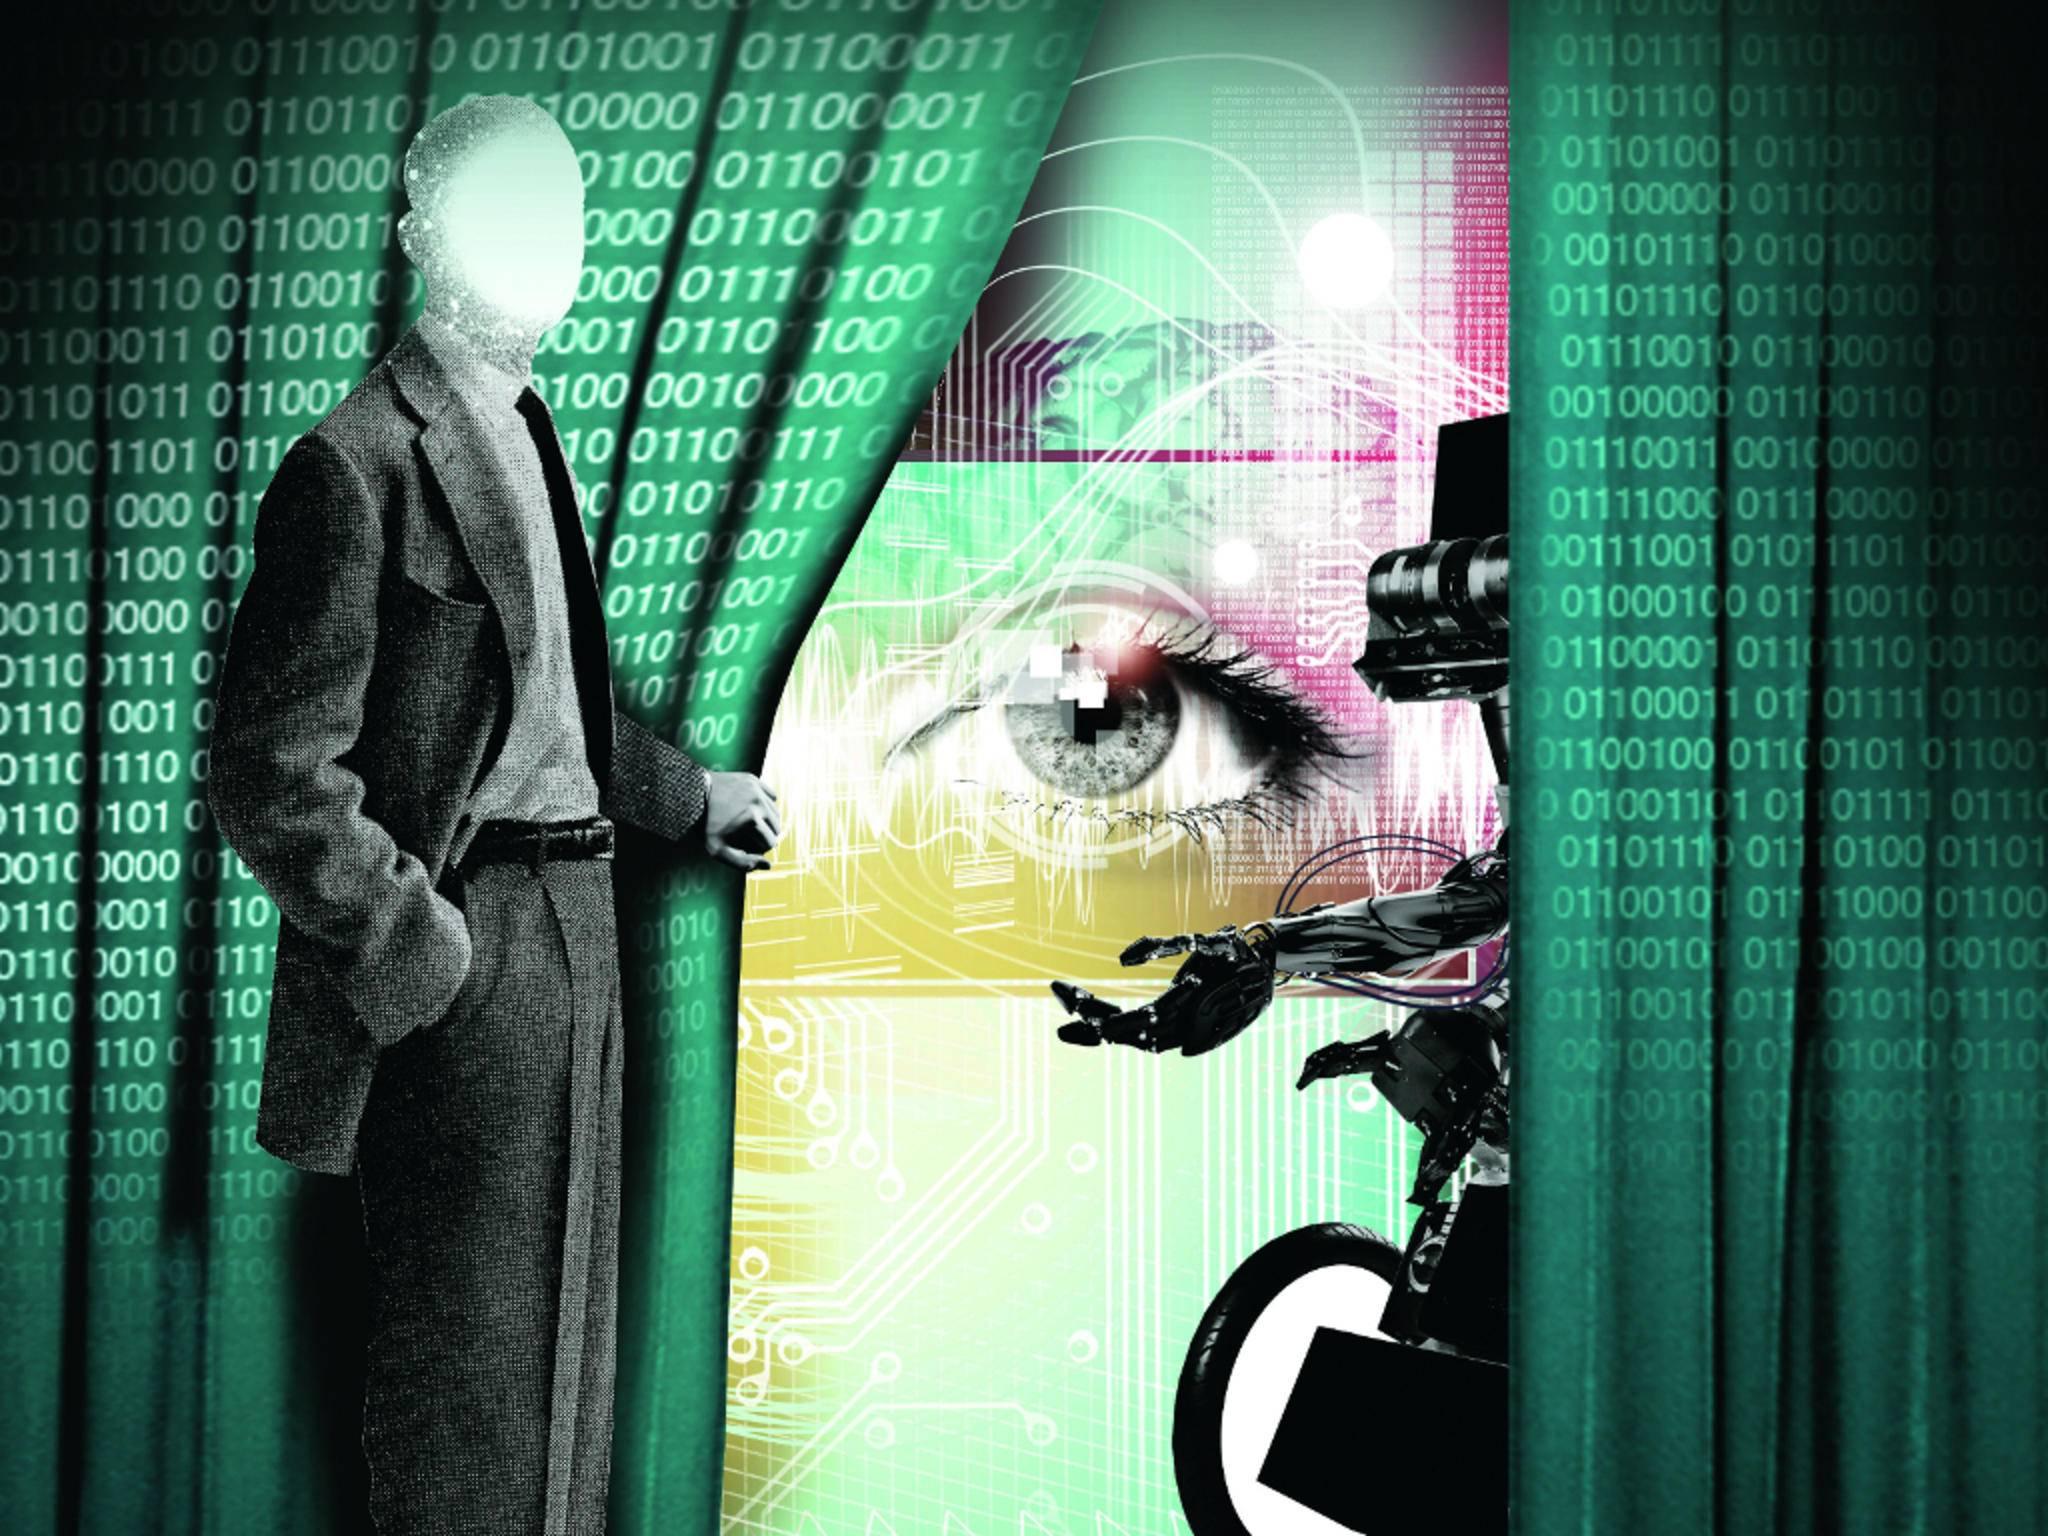 Big Data wird im Alltag immer wichtiger.